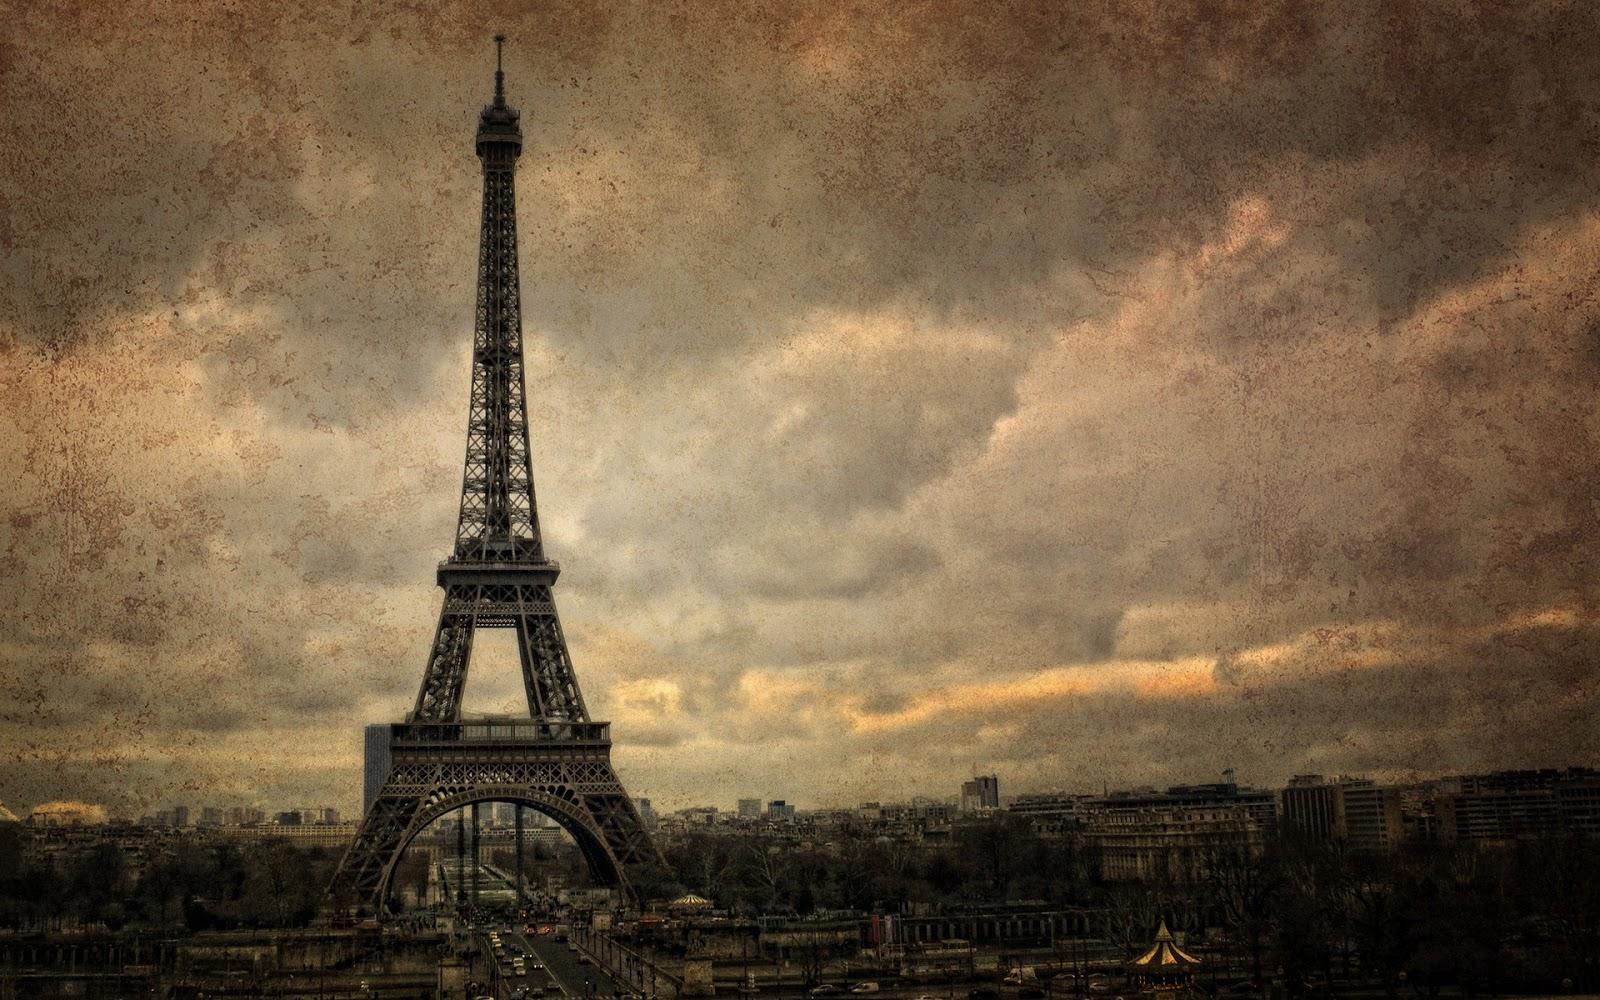 Old Paris Photo | Wallpaper Deposit